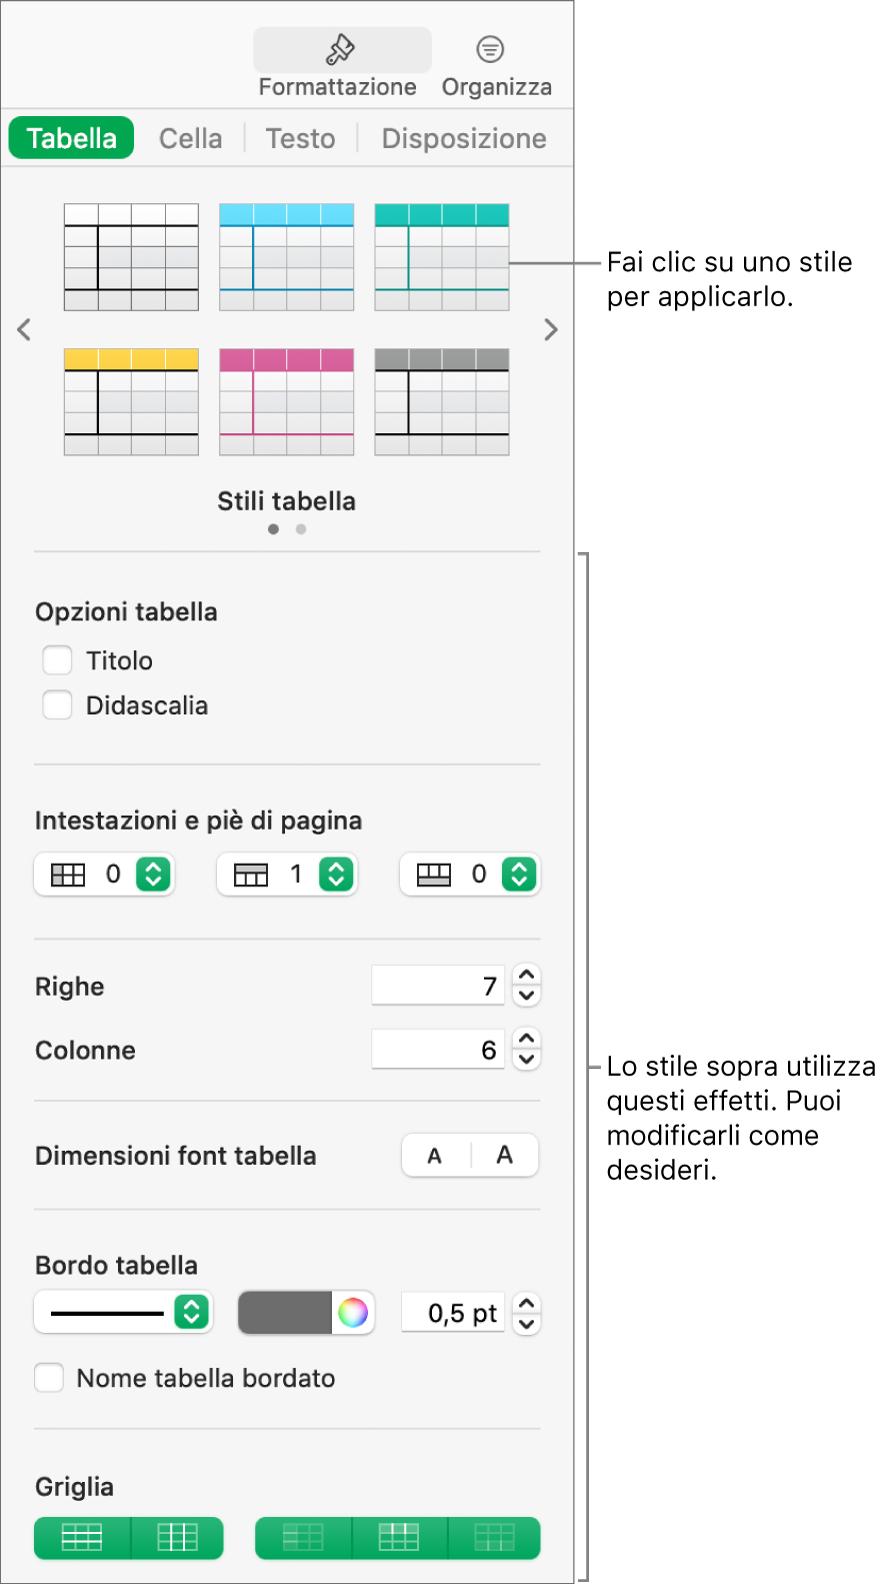 Barra laterale Formattazione con gli stili di tabella e le opzioni di formattazione.